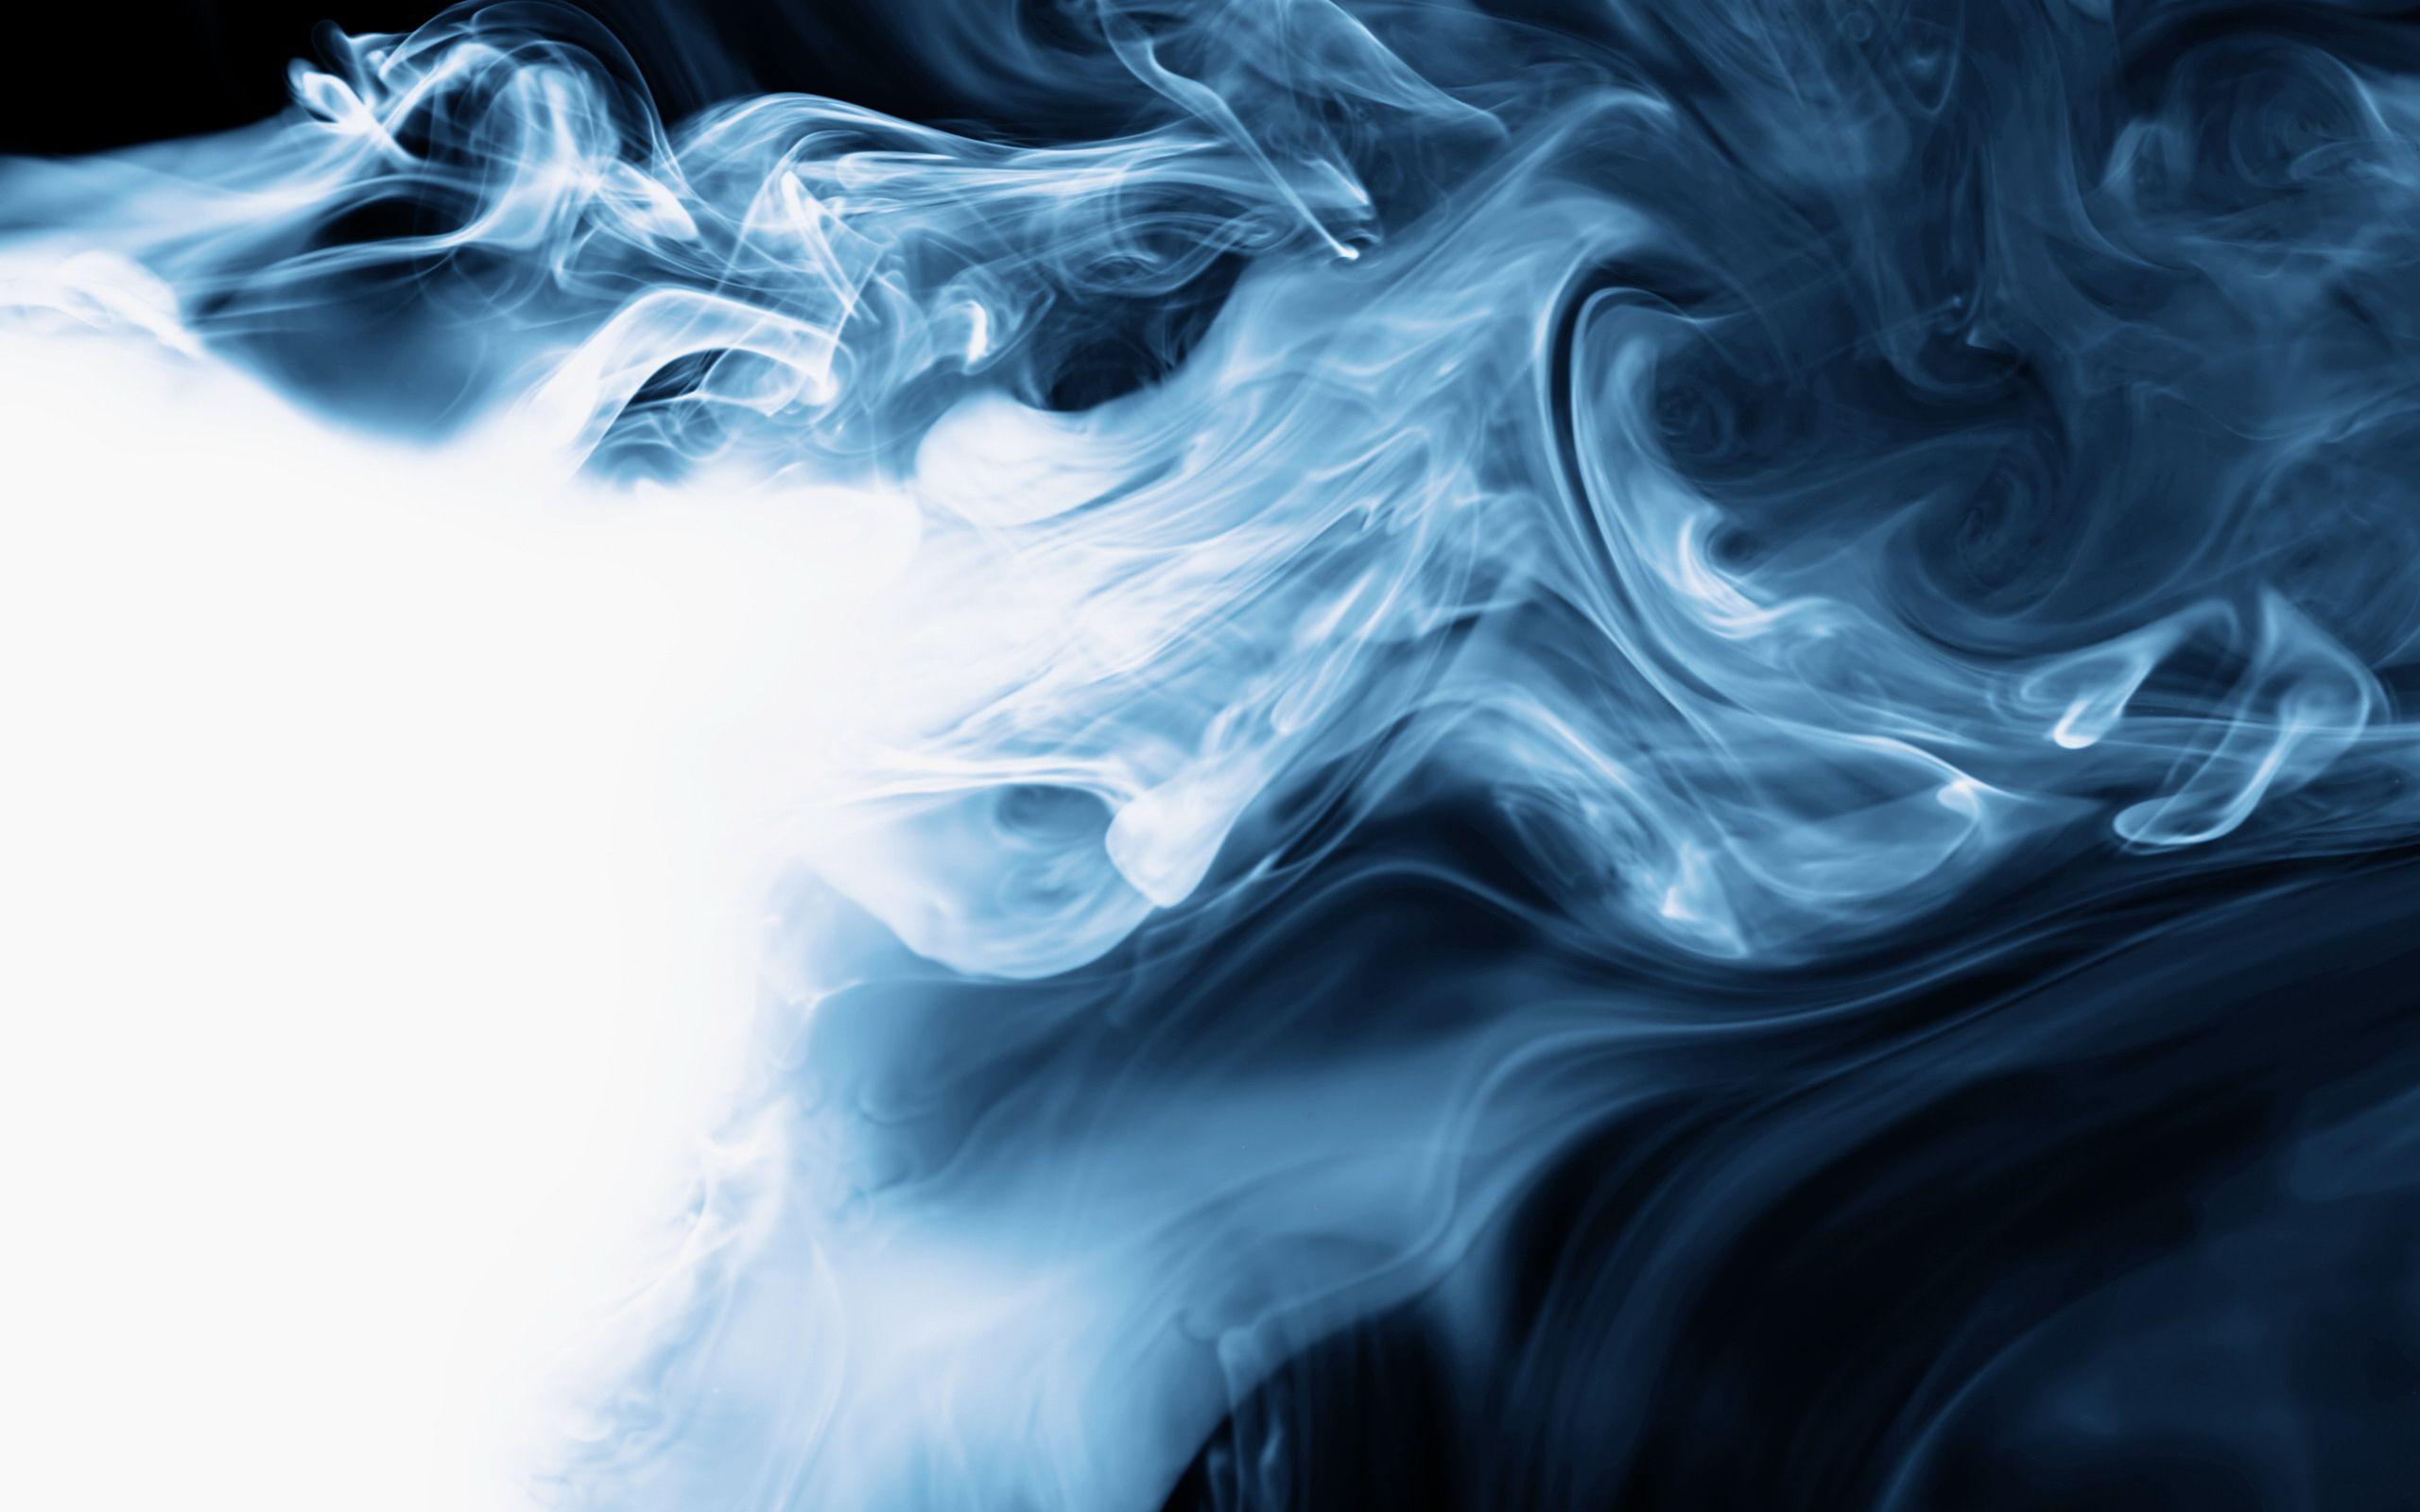 Blue Wall Art Smoke 3d Art Abstract Blue Smoke Smoke Wallpaper Smoke Pictures Abstract Wallpaper